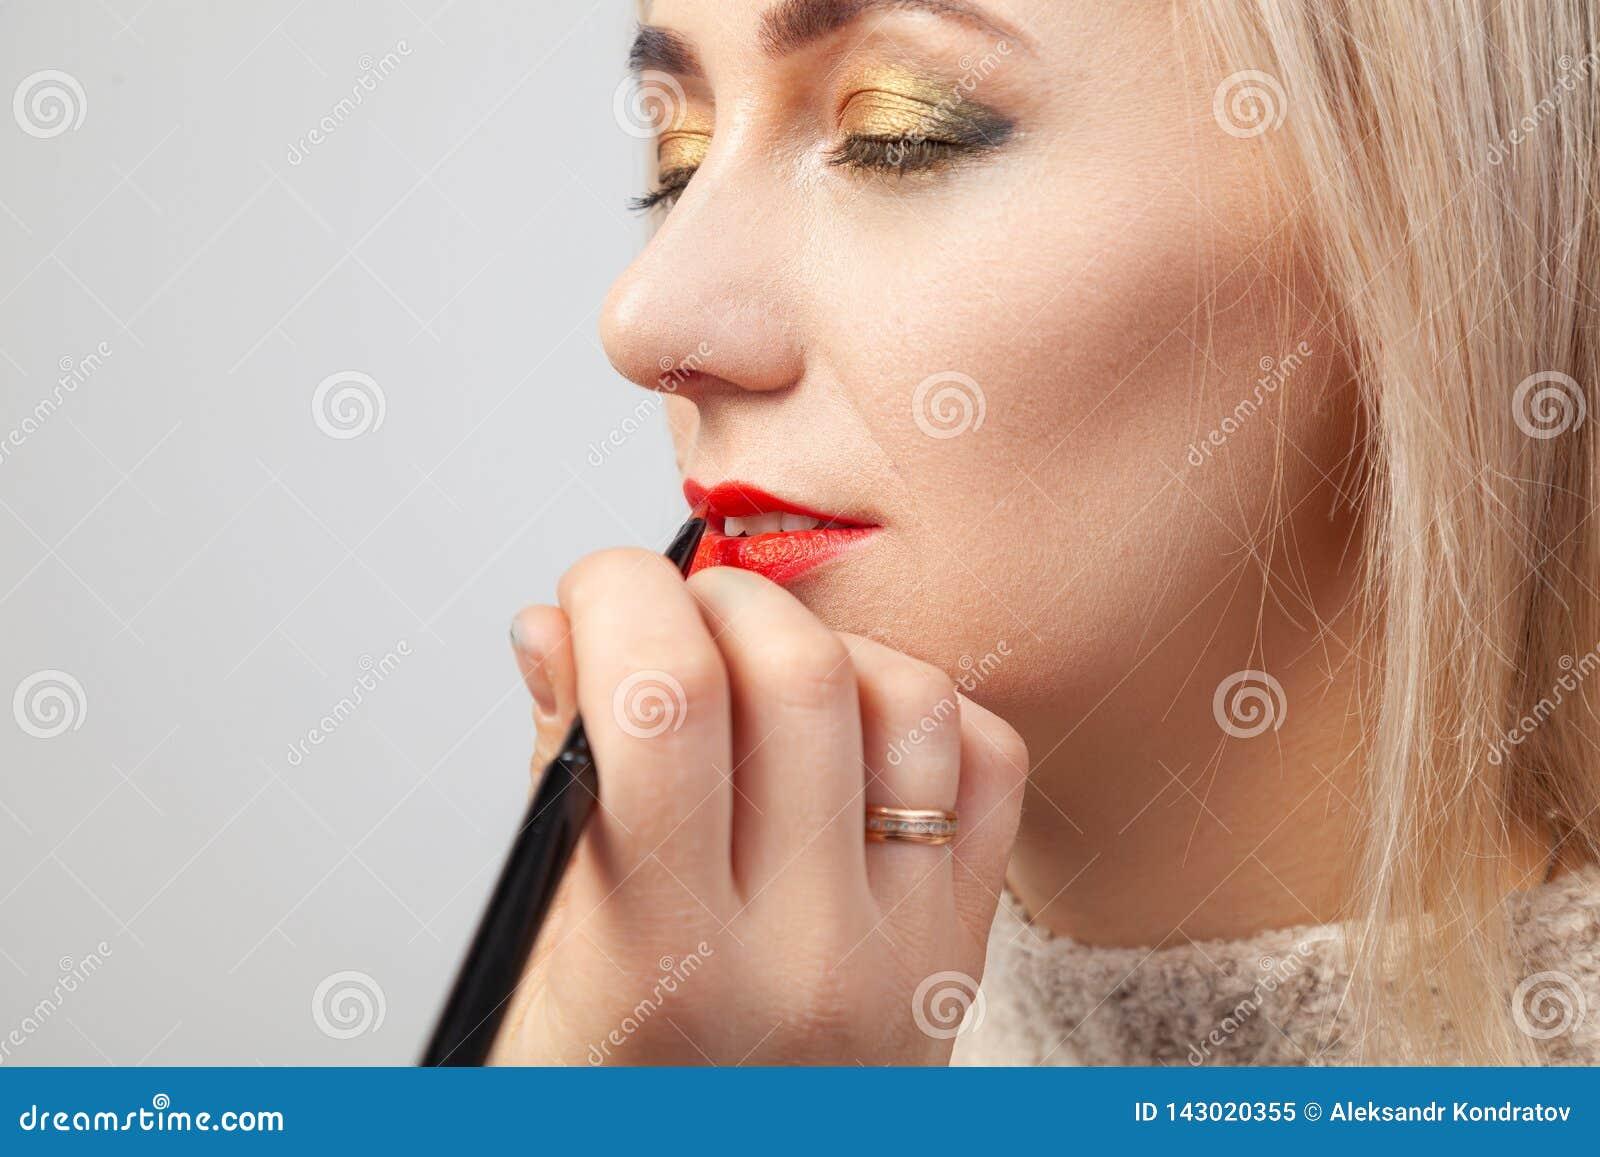 Makijażu artysta w studiu narzuca luksusowego orientalnego makijaż młodej dziewczyny blondynka, w czyj ręce muśnięcie trzyma